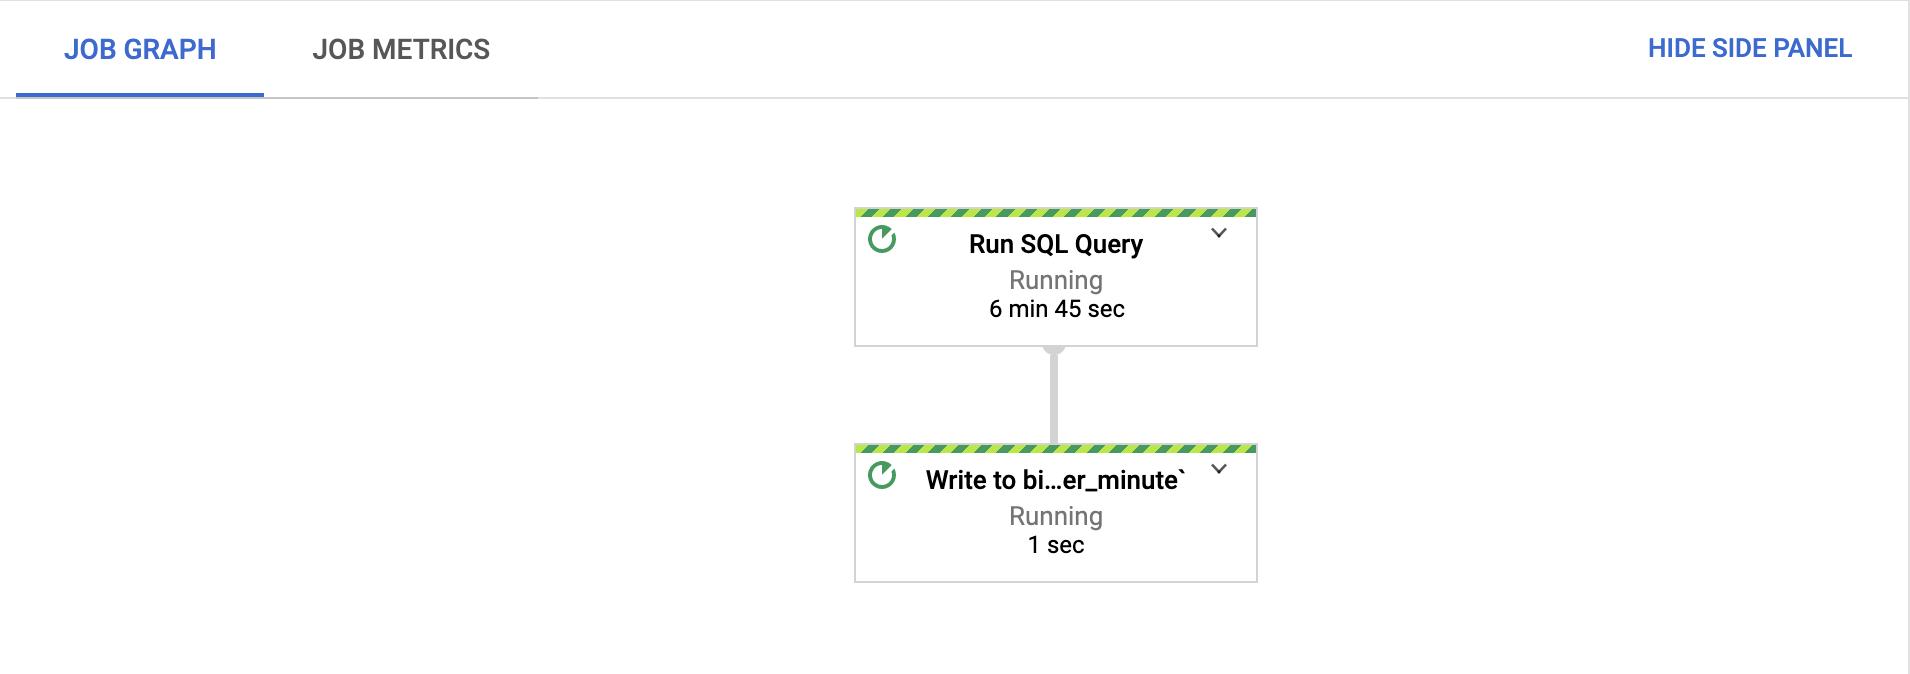 2개의 복합 단계가 있는 Dataflow 작업 그래프 첫 번째 단계는 6분 45초 동안 실행되고 두 번째 단계는 1초 동안 실행됩니다.